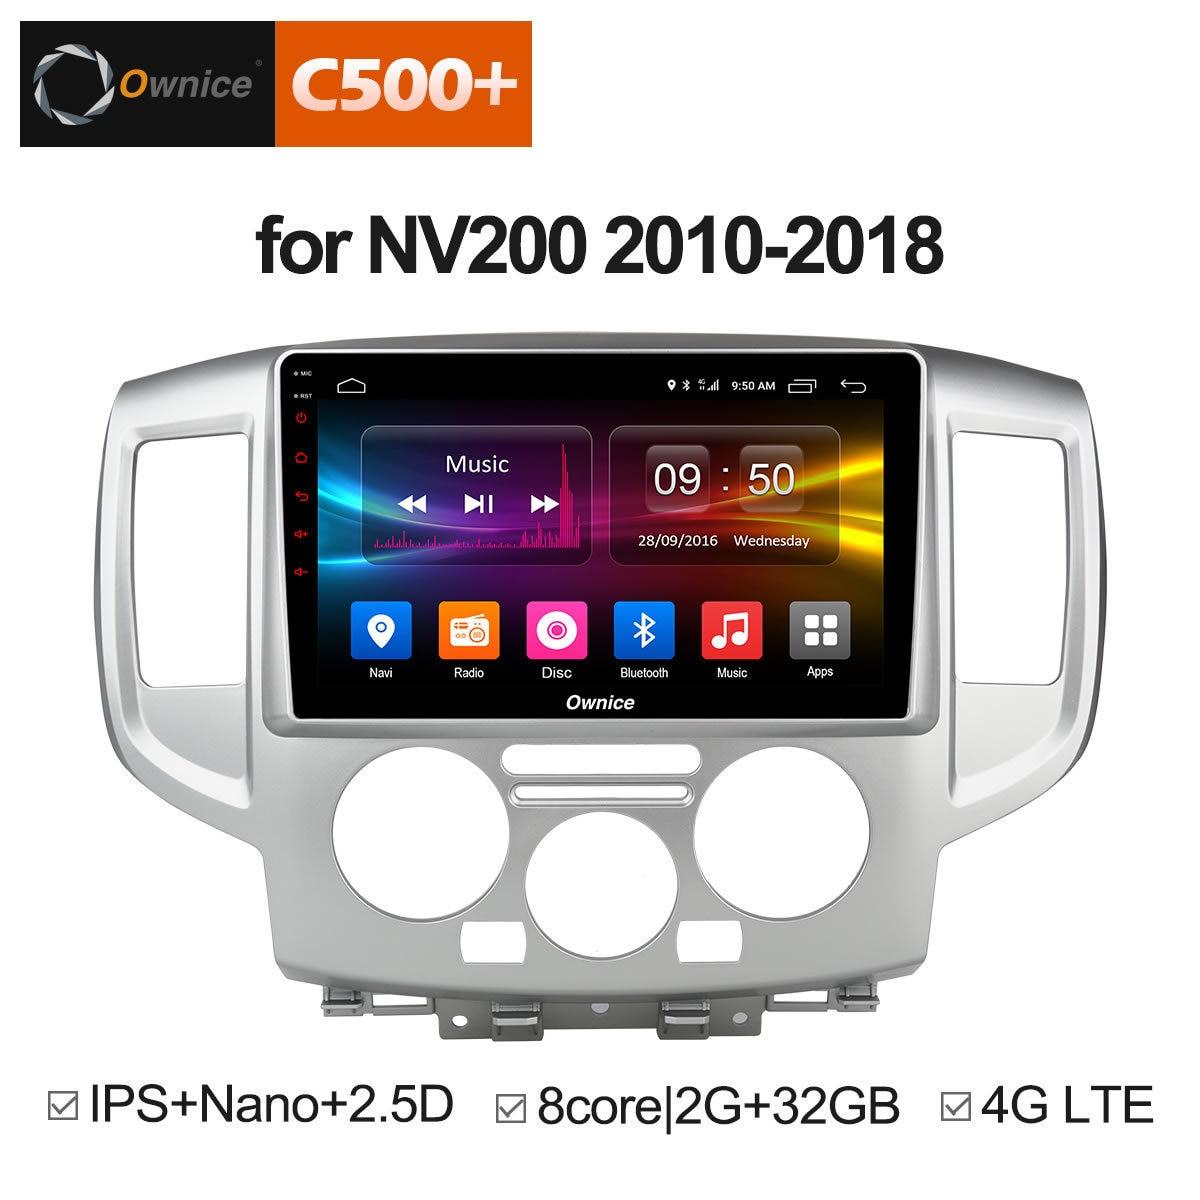 Ownice C500 + G10 8 Core 9